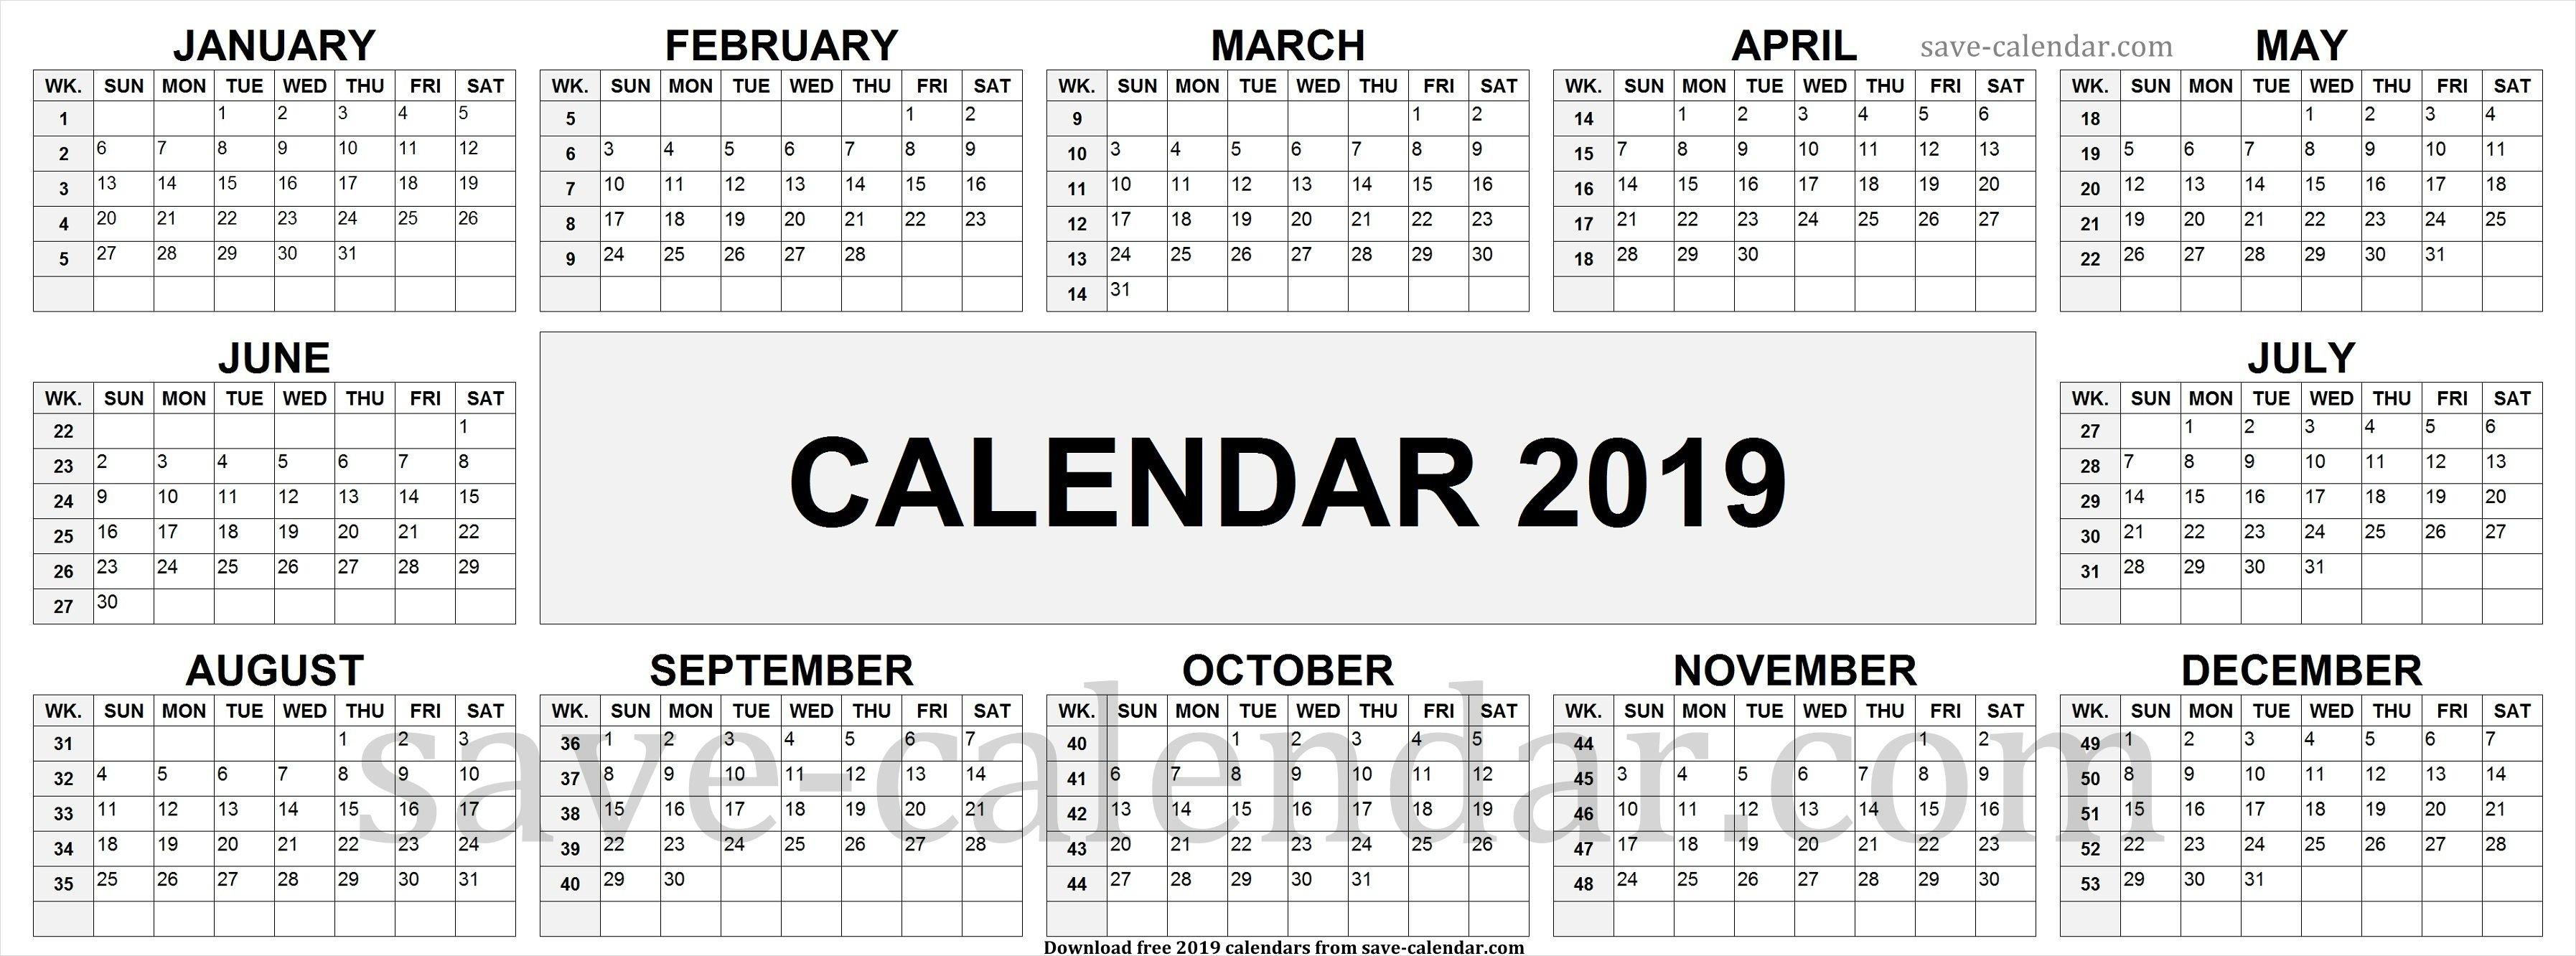 2019 Calendarweek Numbers | Calendar 2019 With Week Numbers Calendar 2019 Week 1